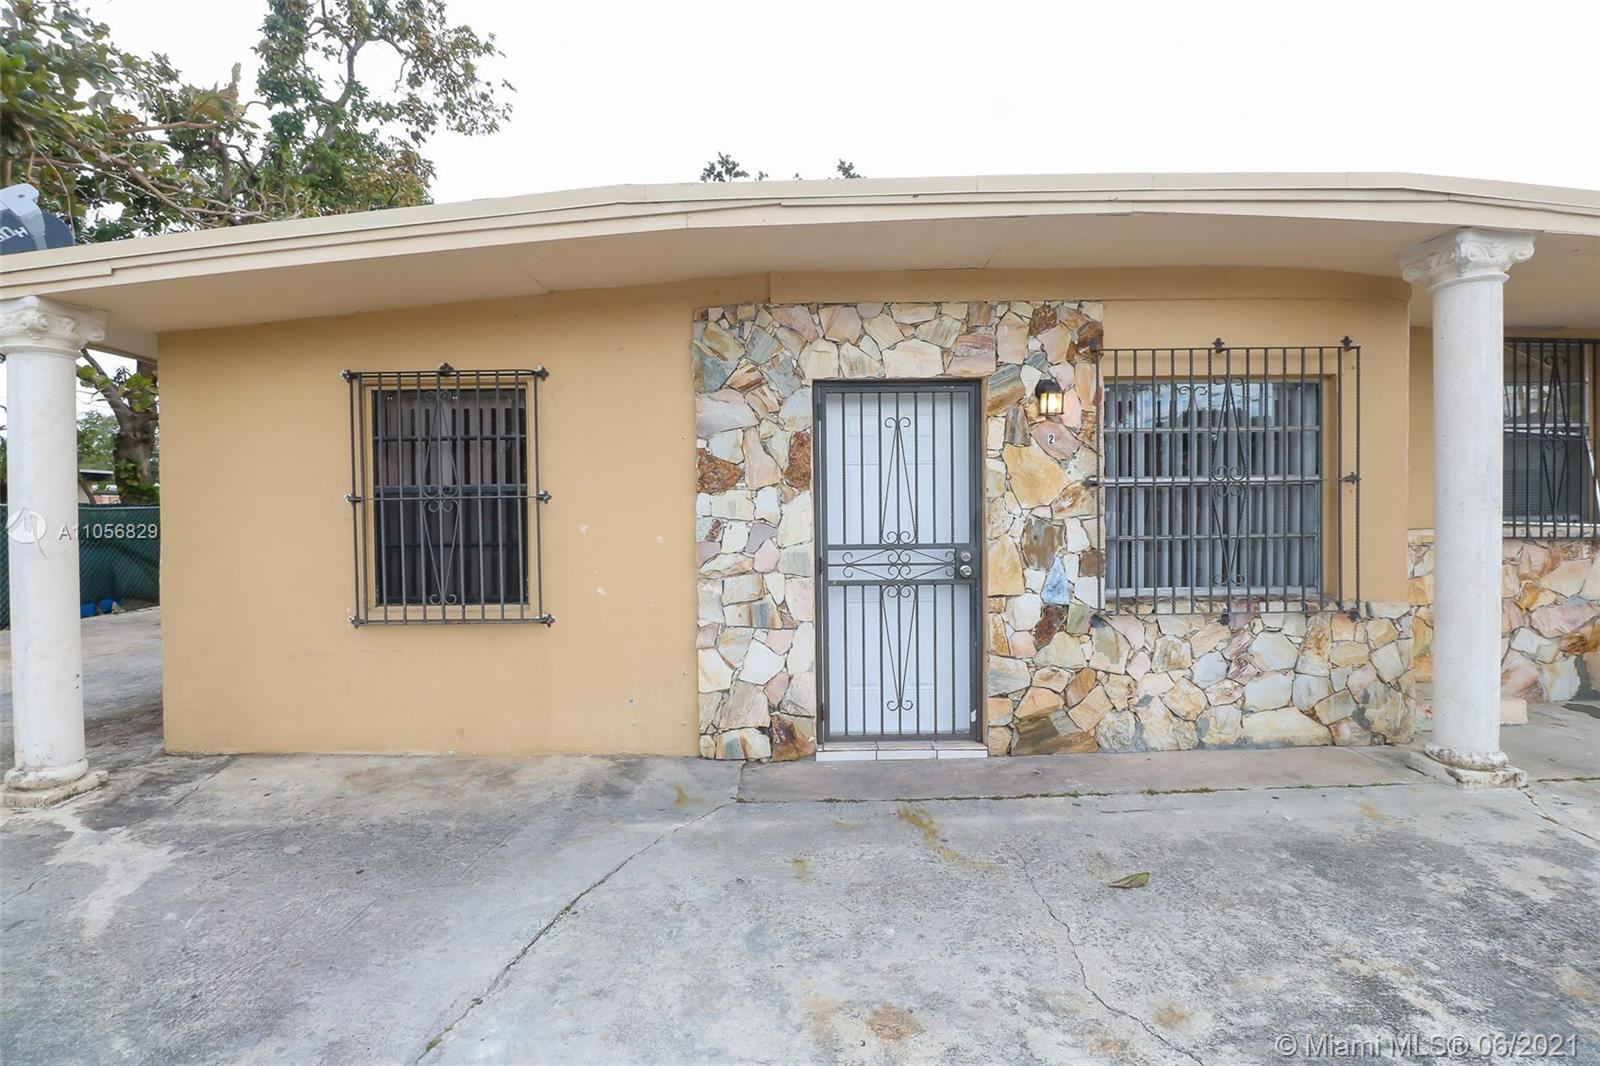 2501 NW 11th Ave, Miami, FL 33127 - #: A11056829